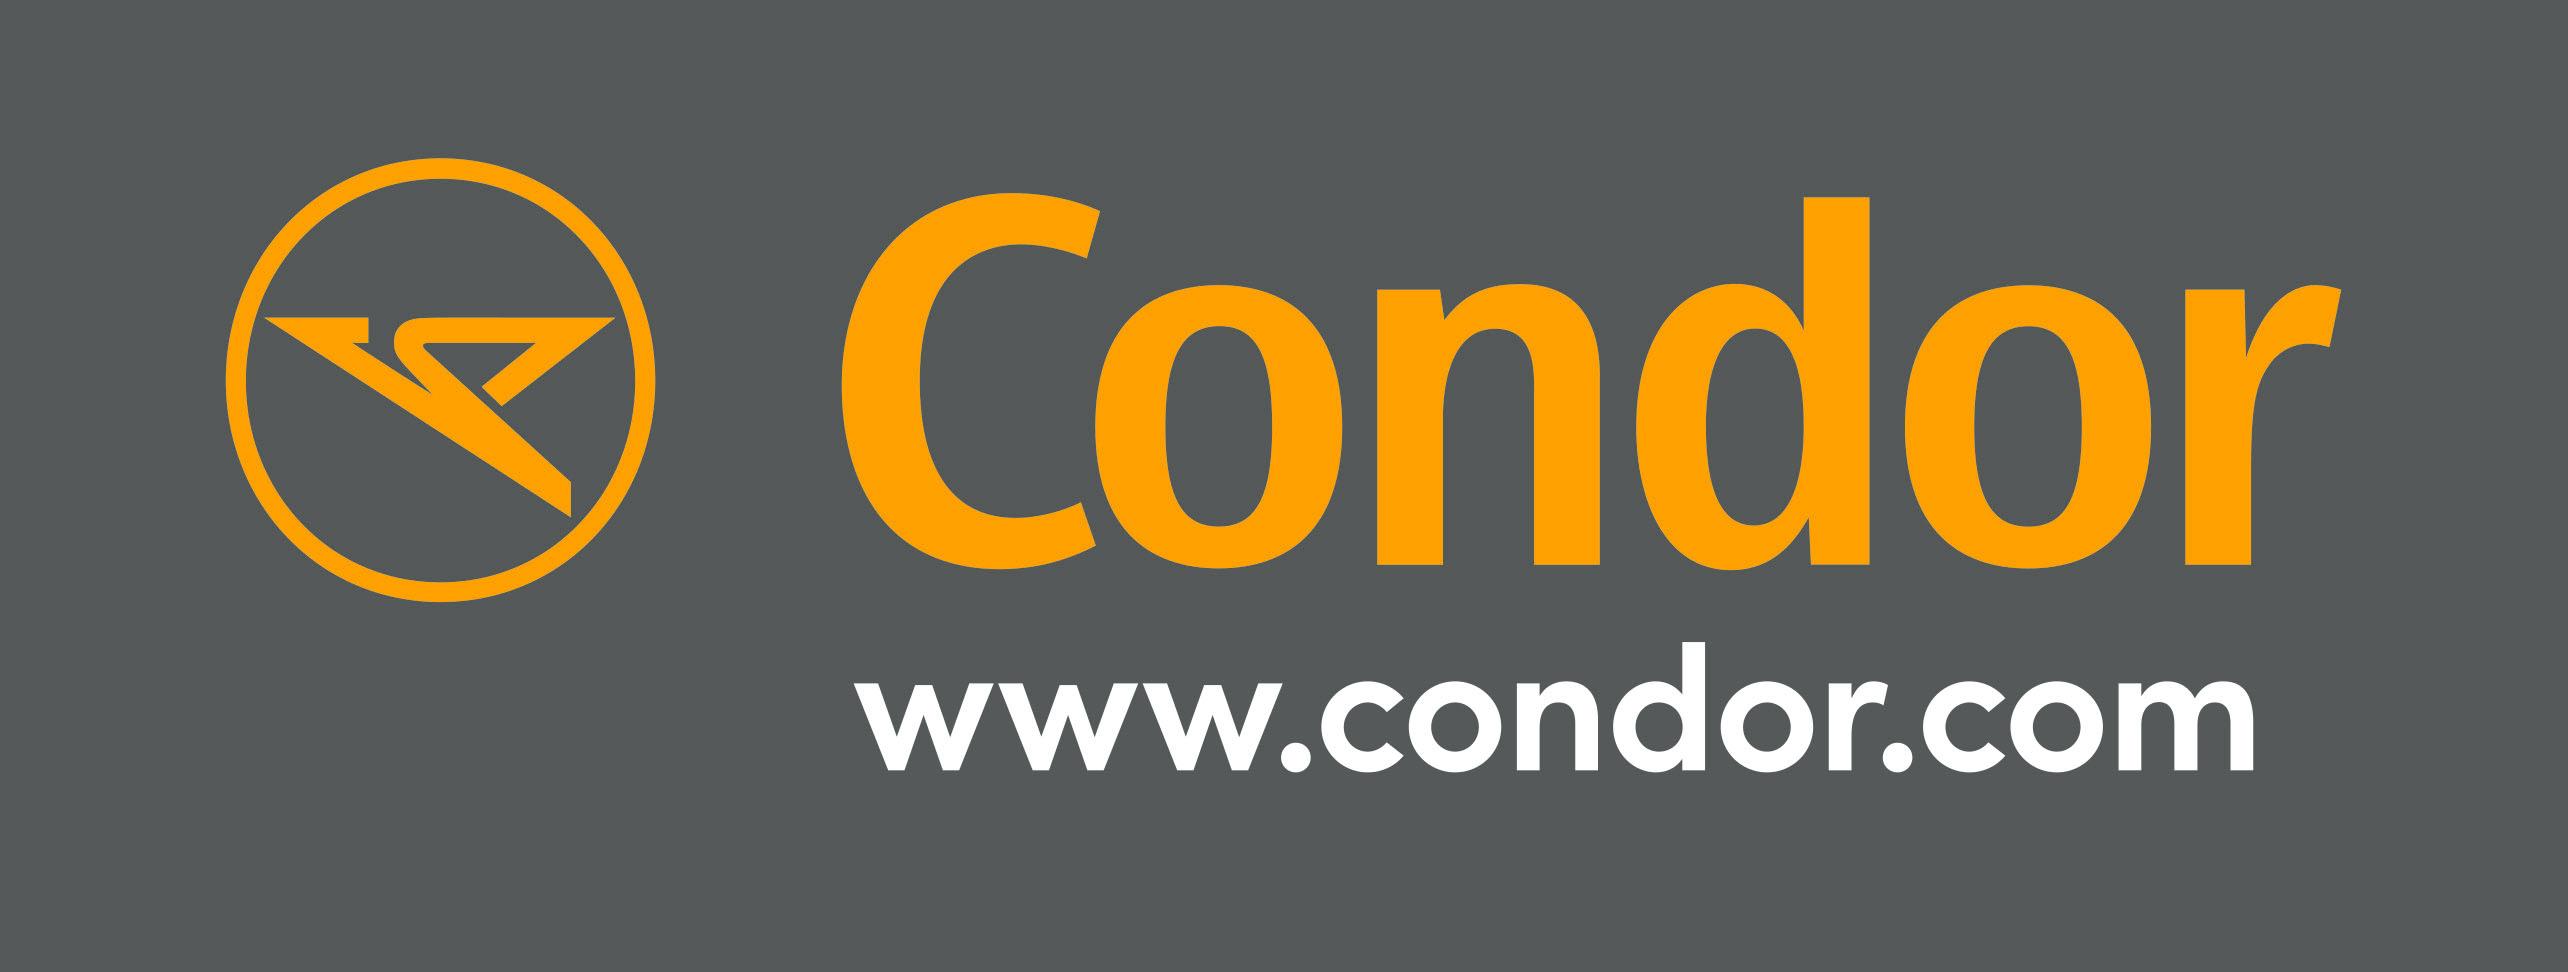 Mit Condor auf die Insel Krk in Kroatien fliegen